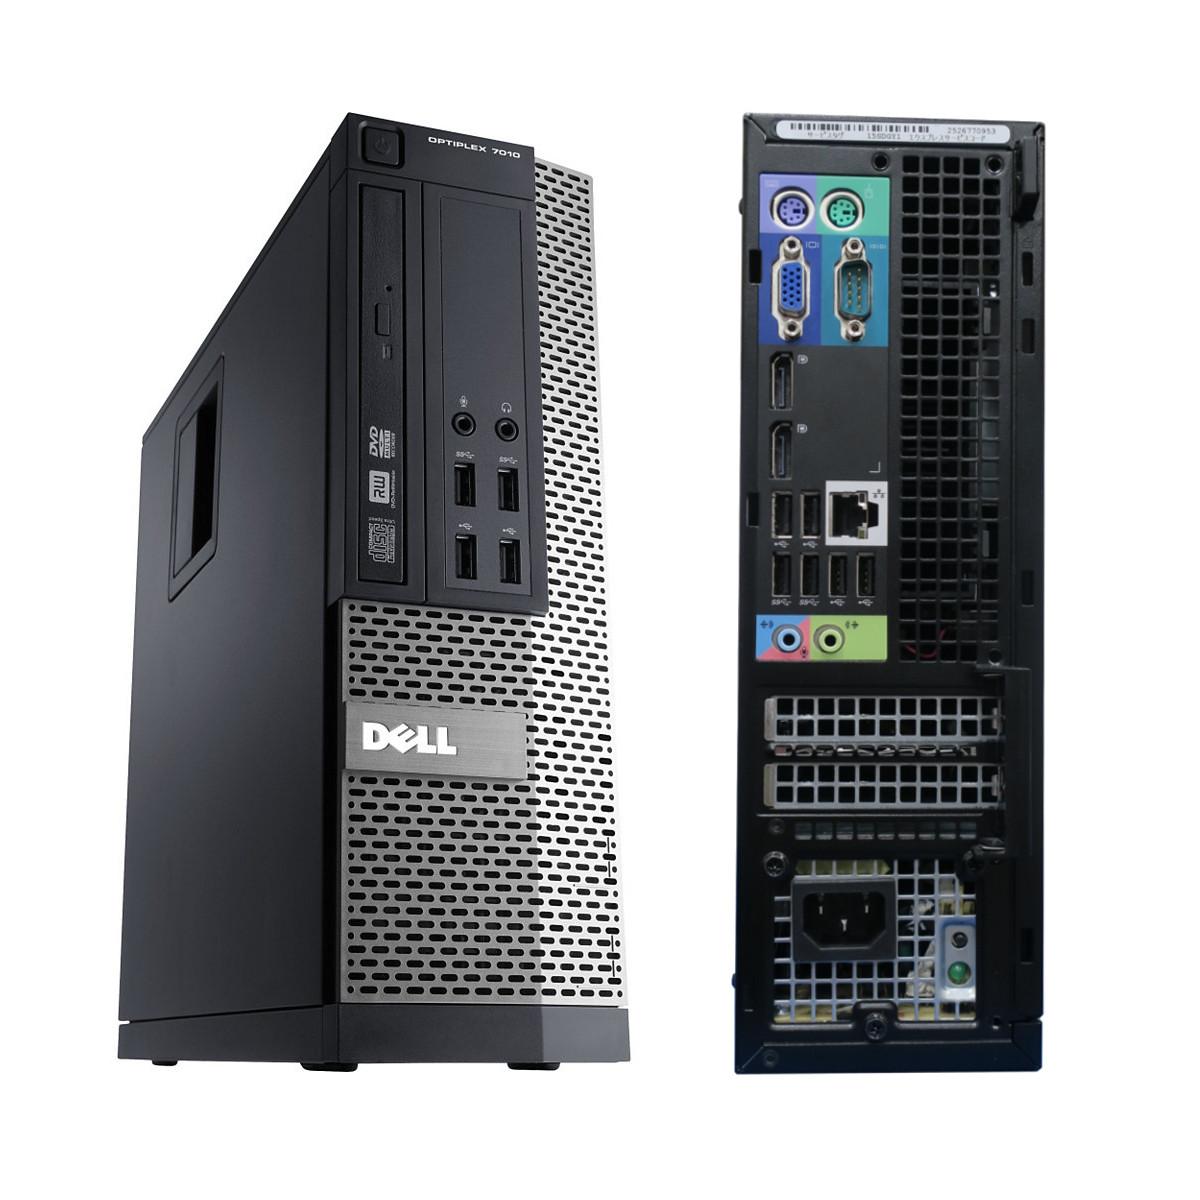 【500円クーポン使えます!】中古デスクトップDell Optiplex 7010 3400SFF 7010-3400SFF 【中古】 Dell Optiplex 7010 3400SFF 中古デスクトップCore i7 Win7 Pro Dell Optiplex 7010 3400SFF 中古デスクトップCore i7 Win7 Pro